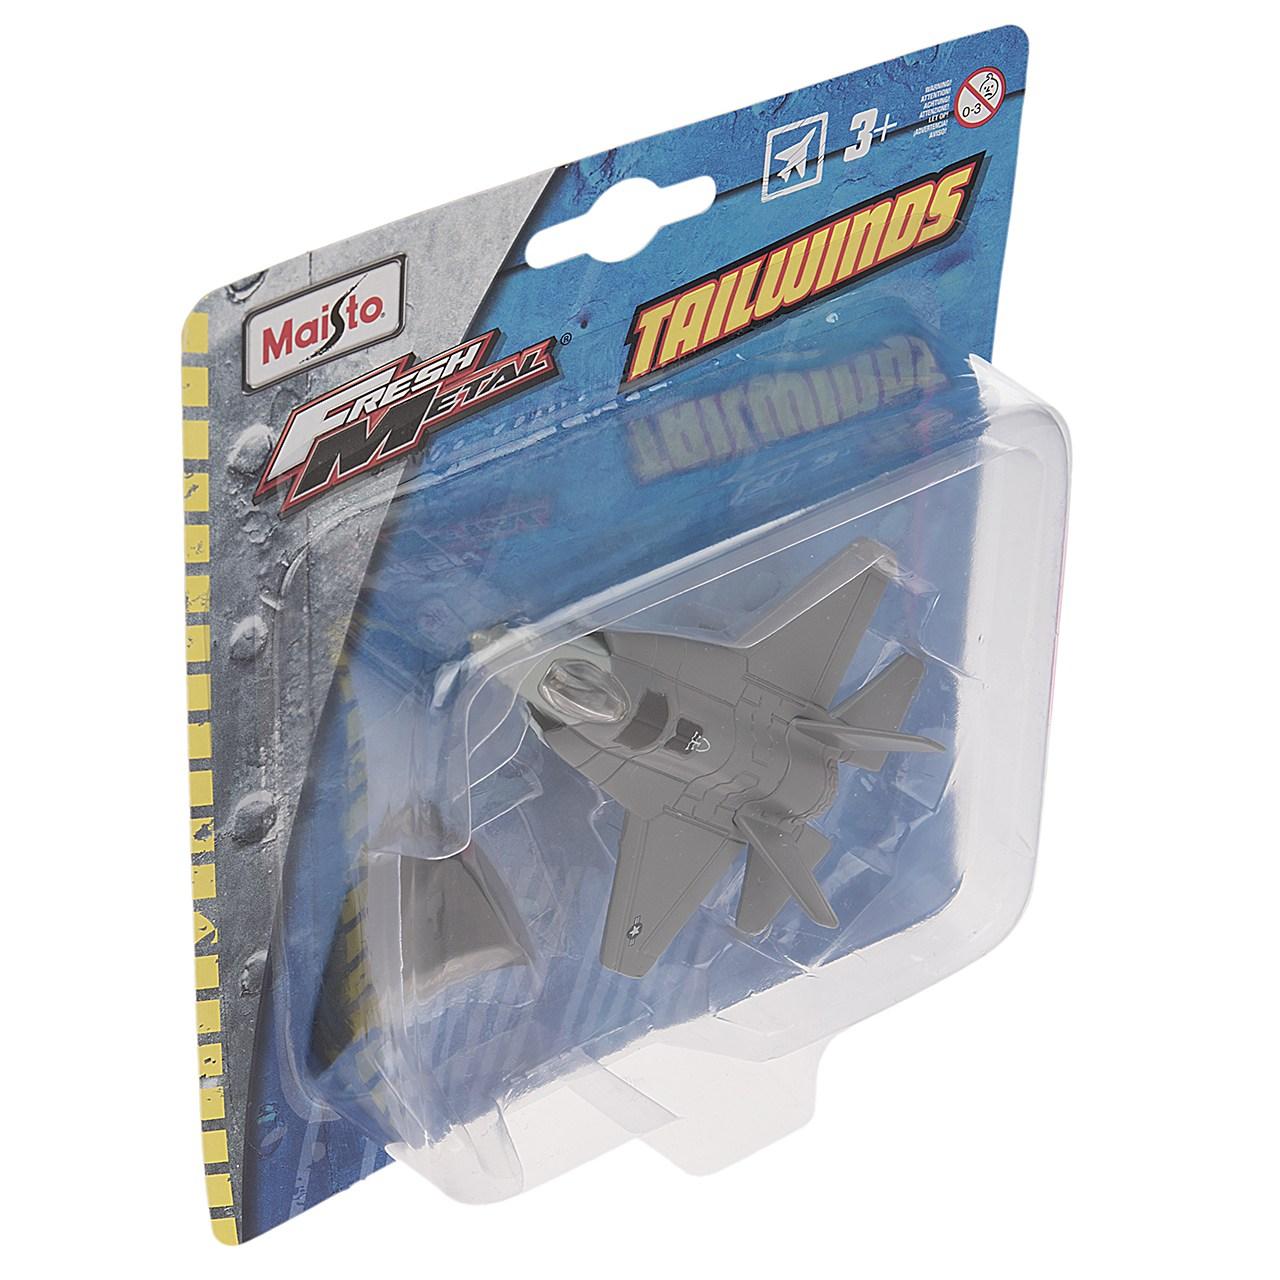 هواپیما مایستو مدل F-35 Lightning II